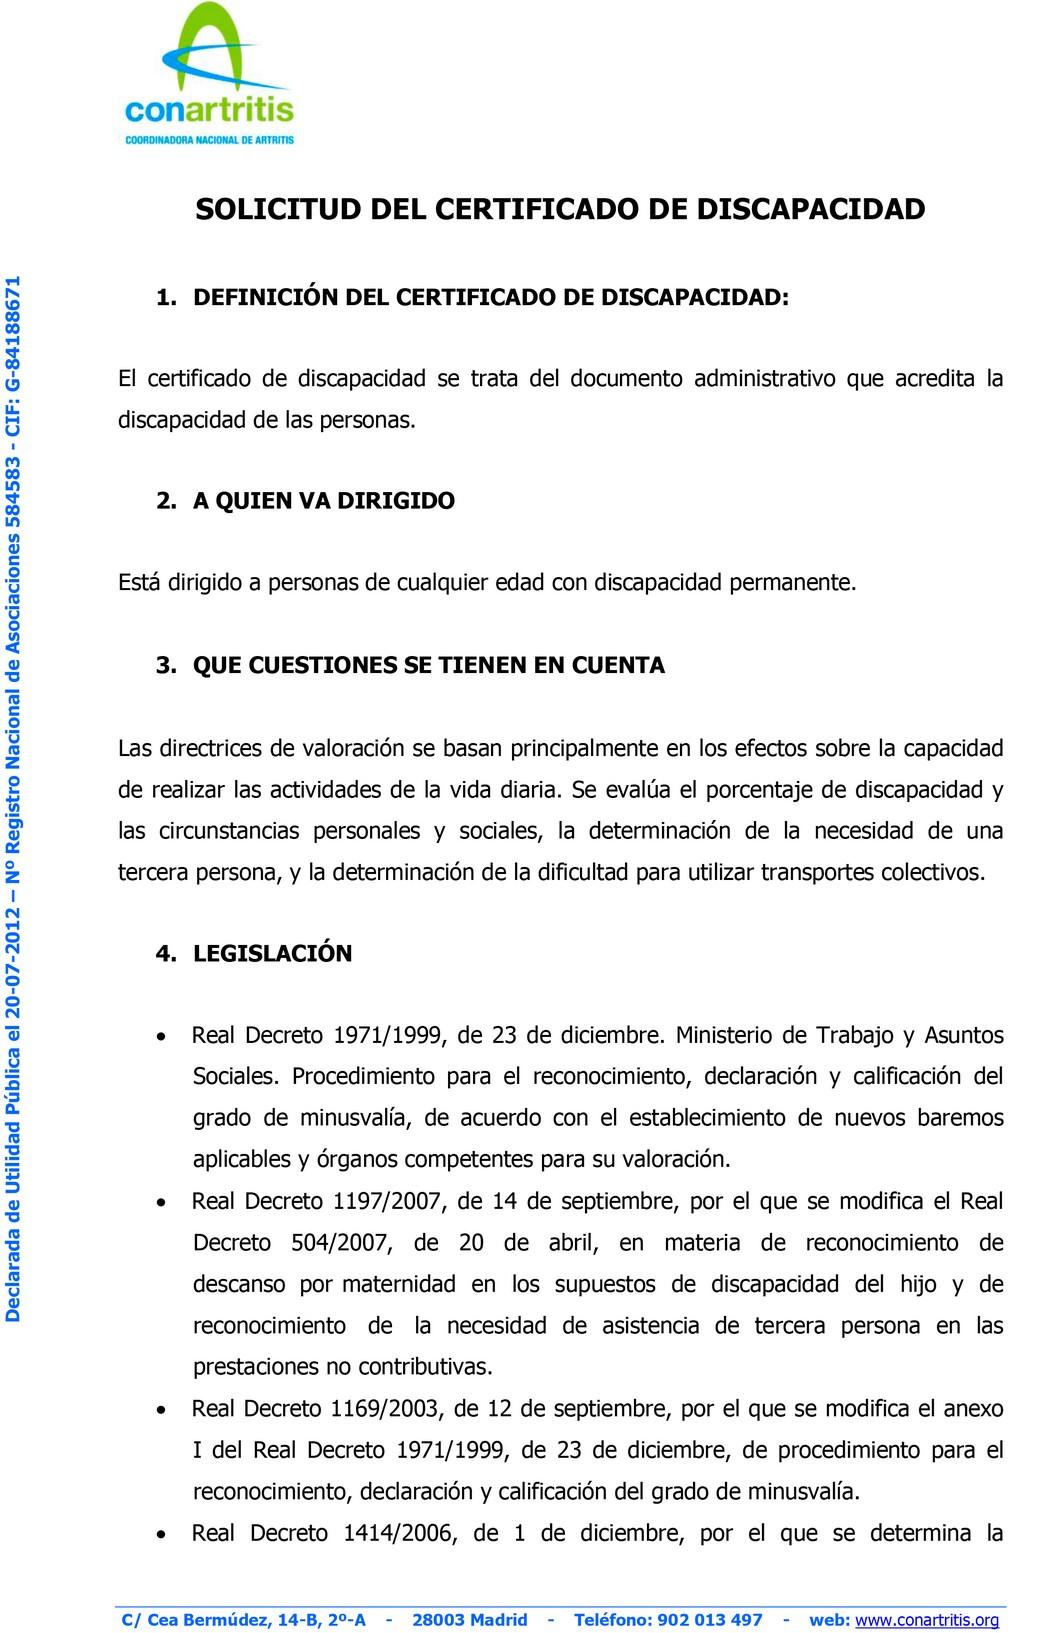 Grado discapacidad Galicia (Copiar)